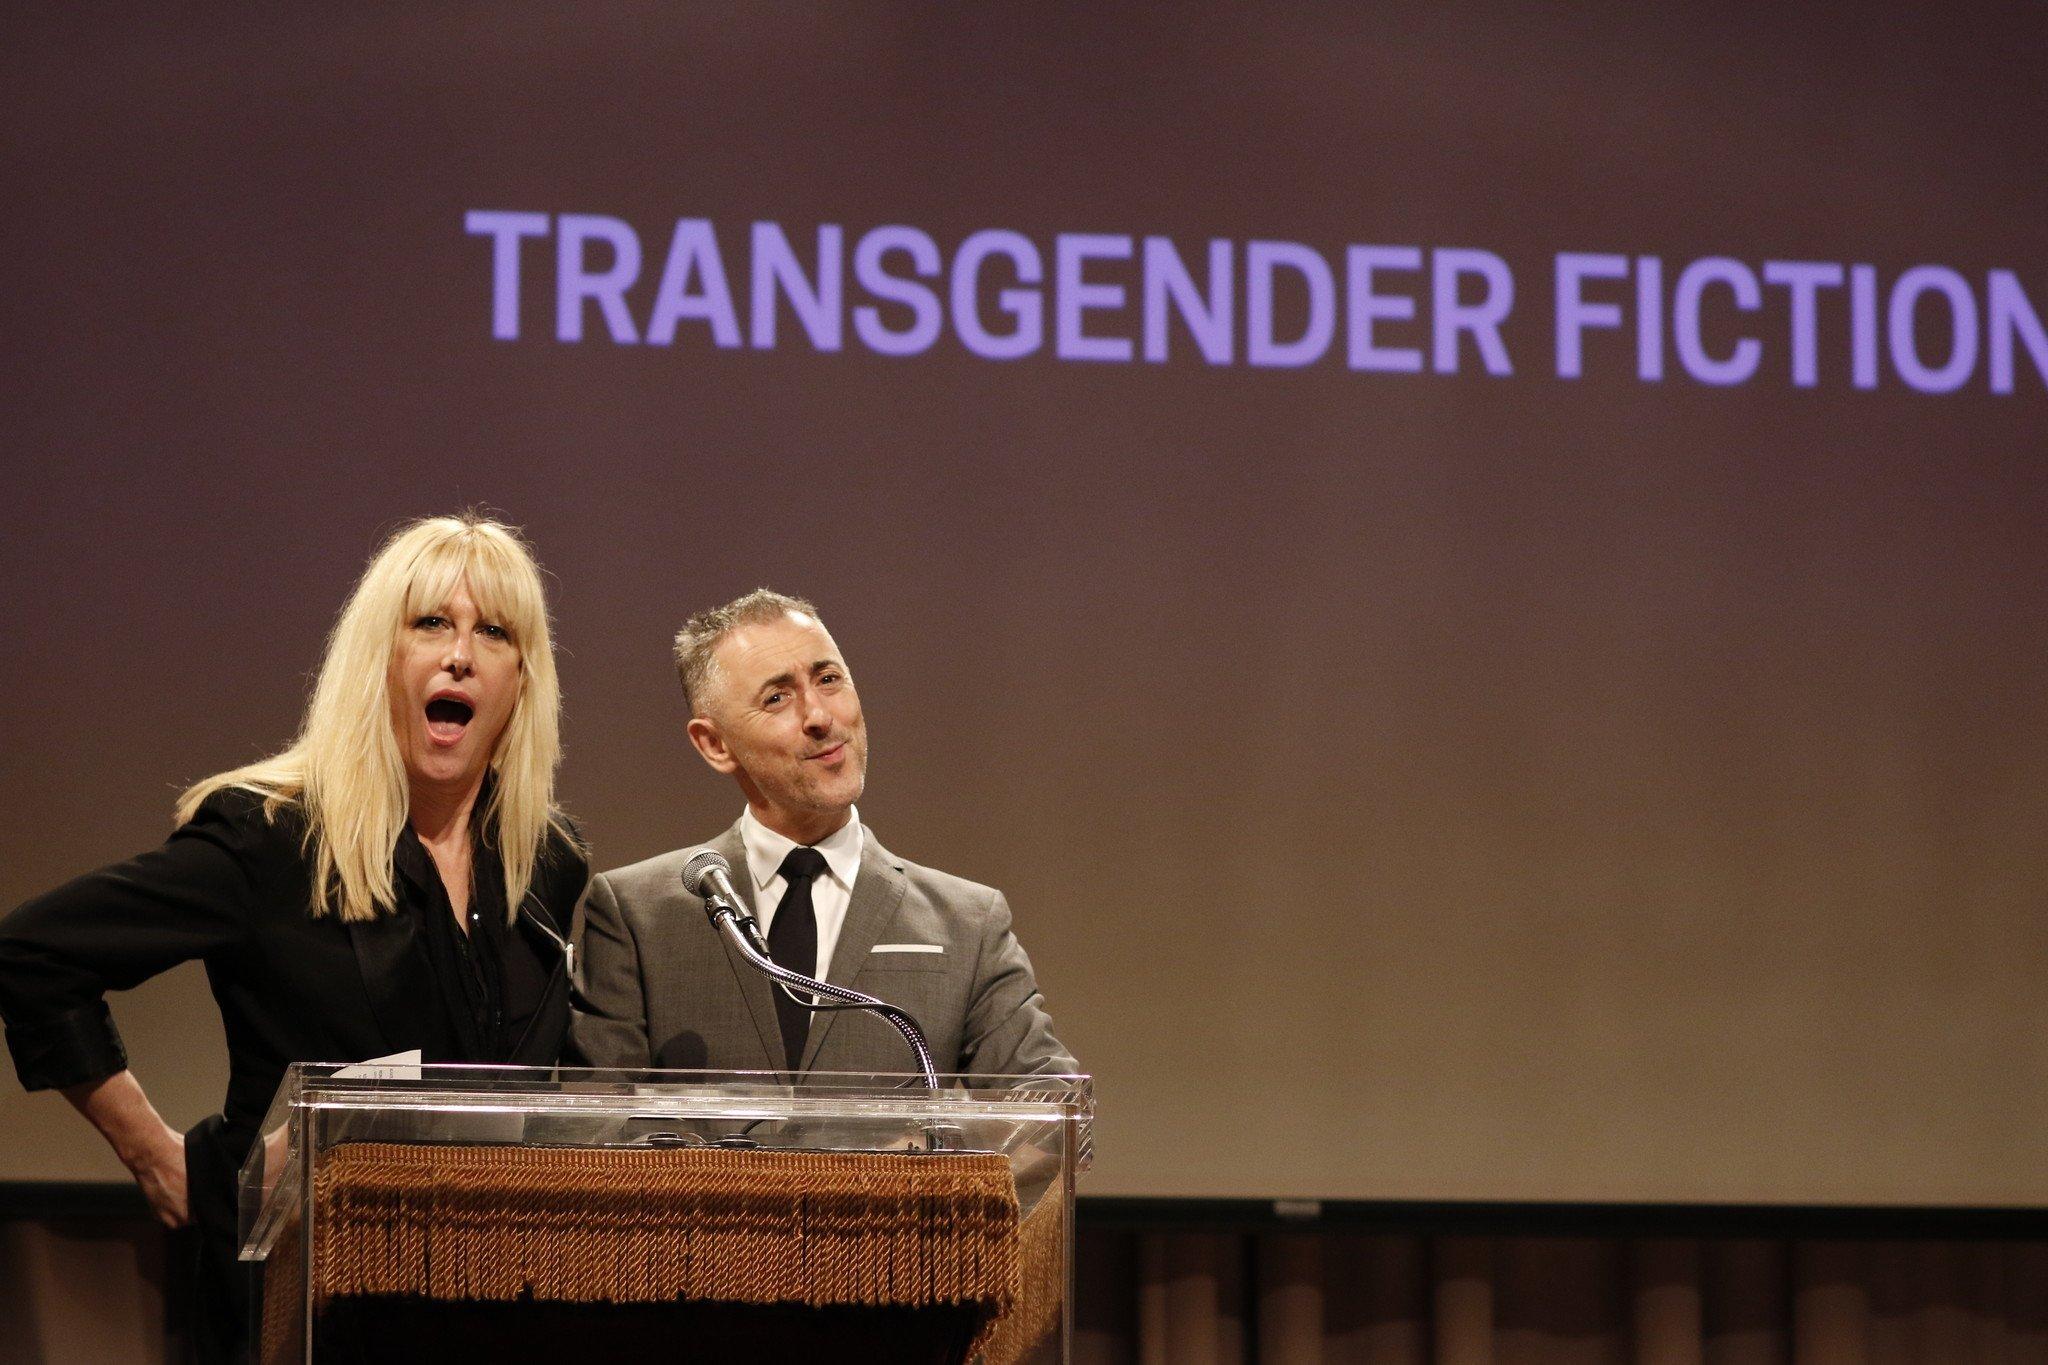 La cantante Justin Vivian y el actor Alan Cumming, anunciando el premio a mejor obra de ficción transgénero en la gala de los Lammys de 2015. Fuente: LATimes